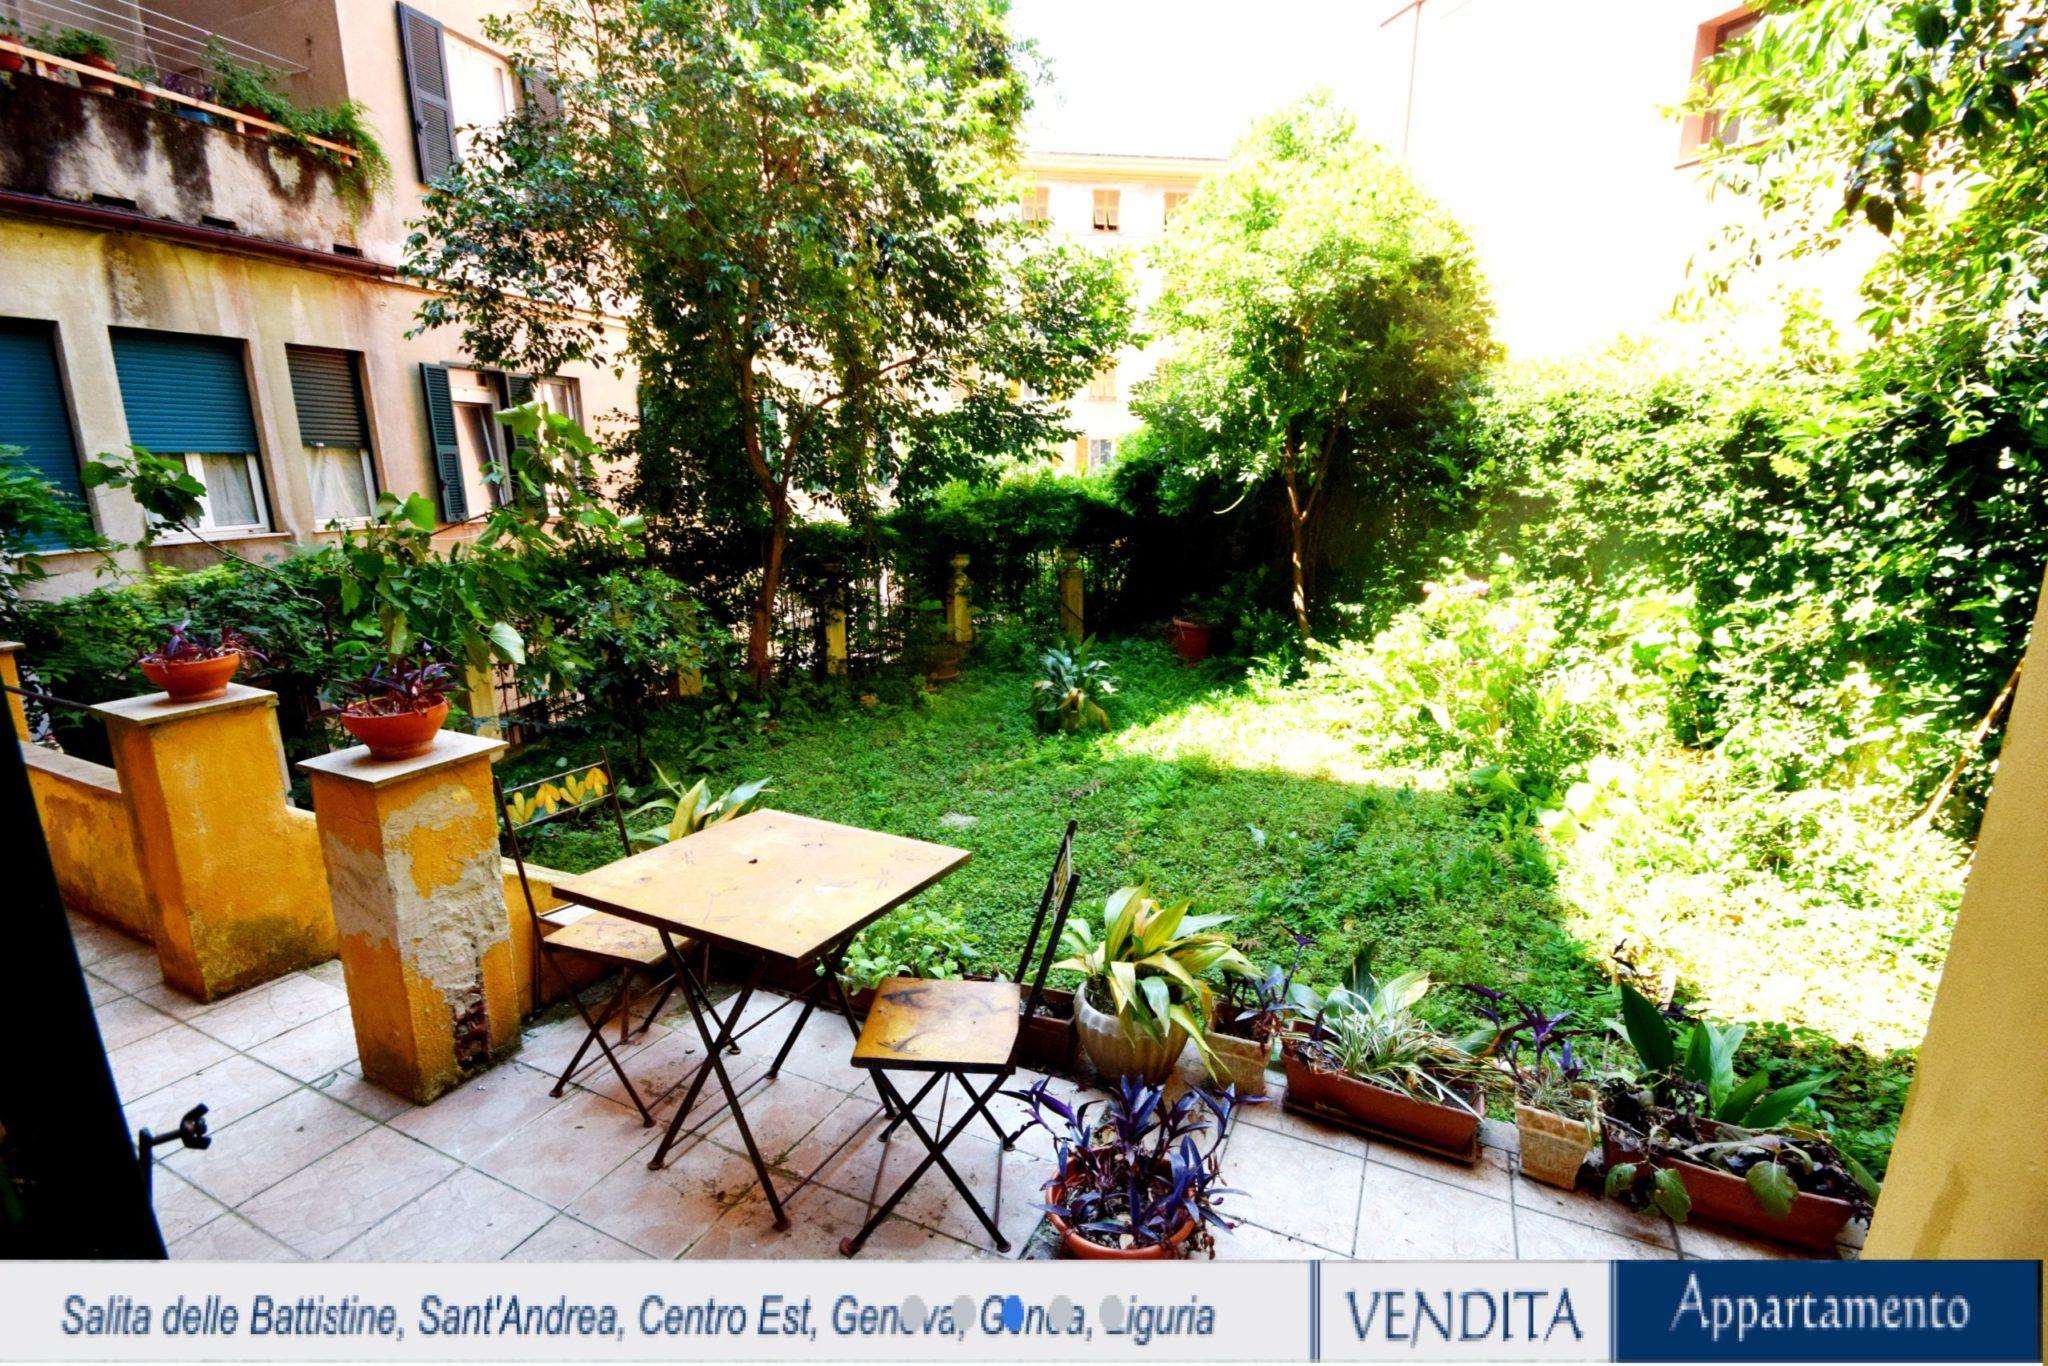 CENTRO (SALITA DELLE BATTISTINE) vendiamo 110 mq ristrutturati con ampio giardino